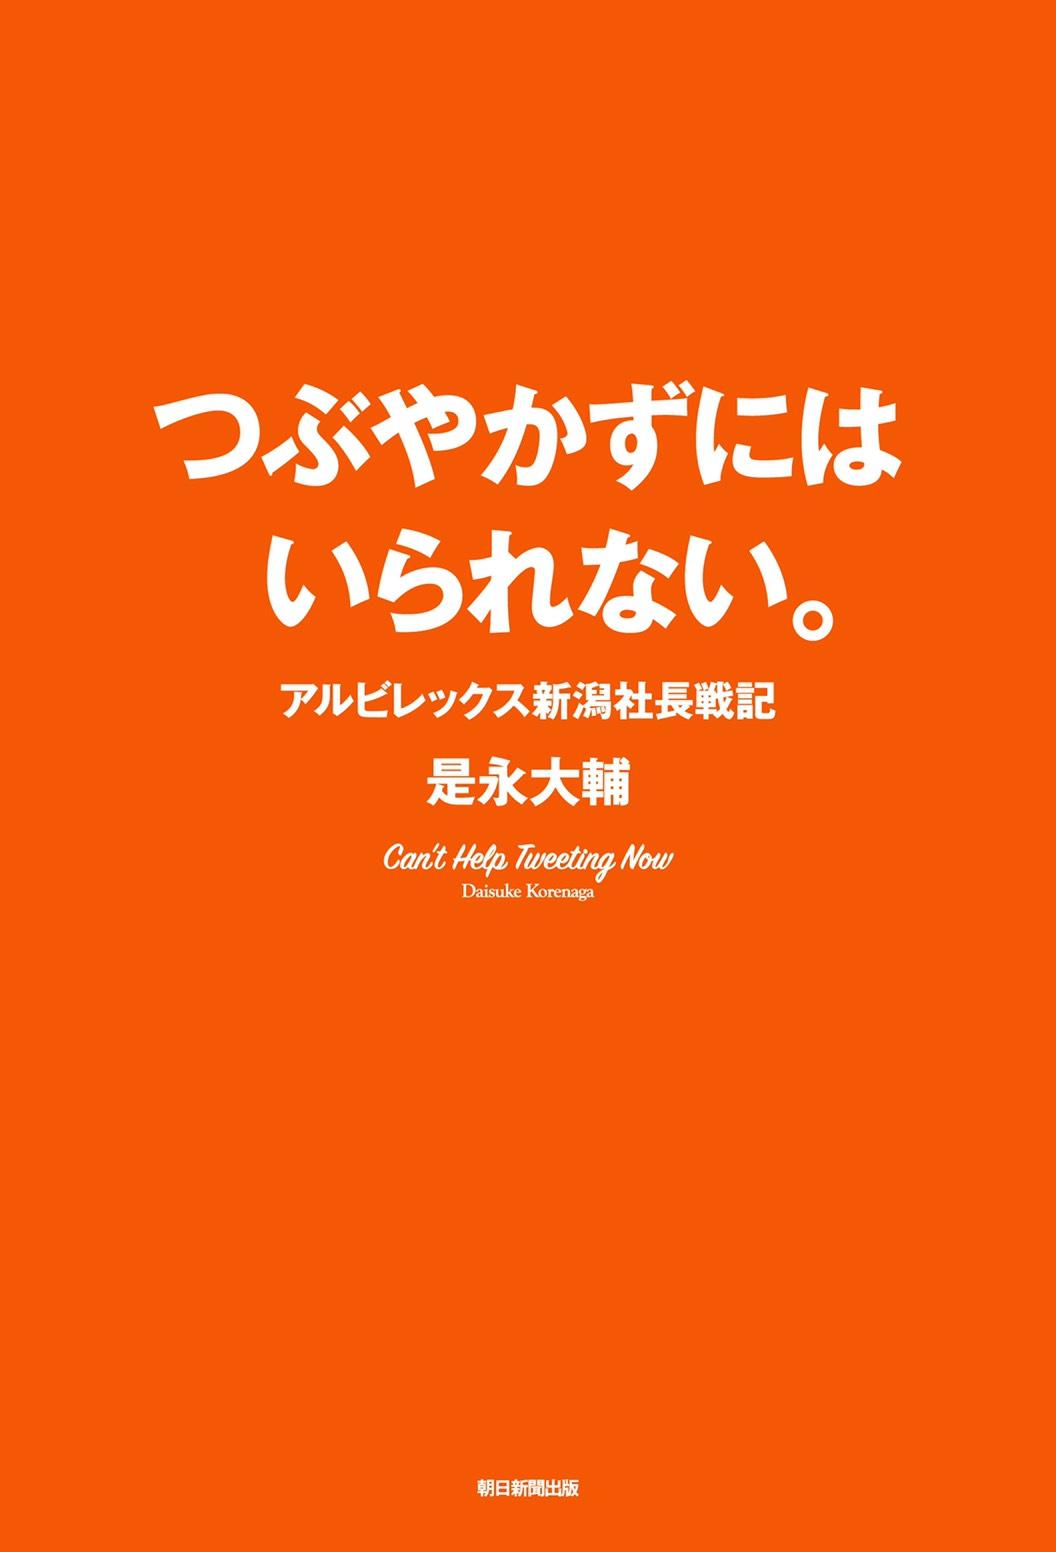 是永 大輔 代表取締役社長 著書「つぶやかずにはいられない。アルビレックス新潟社長戦記」販売のお知らせ